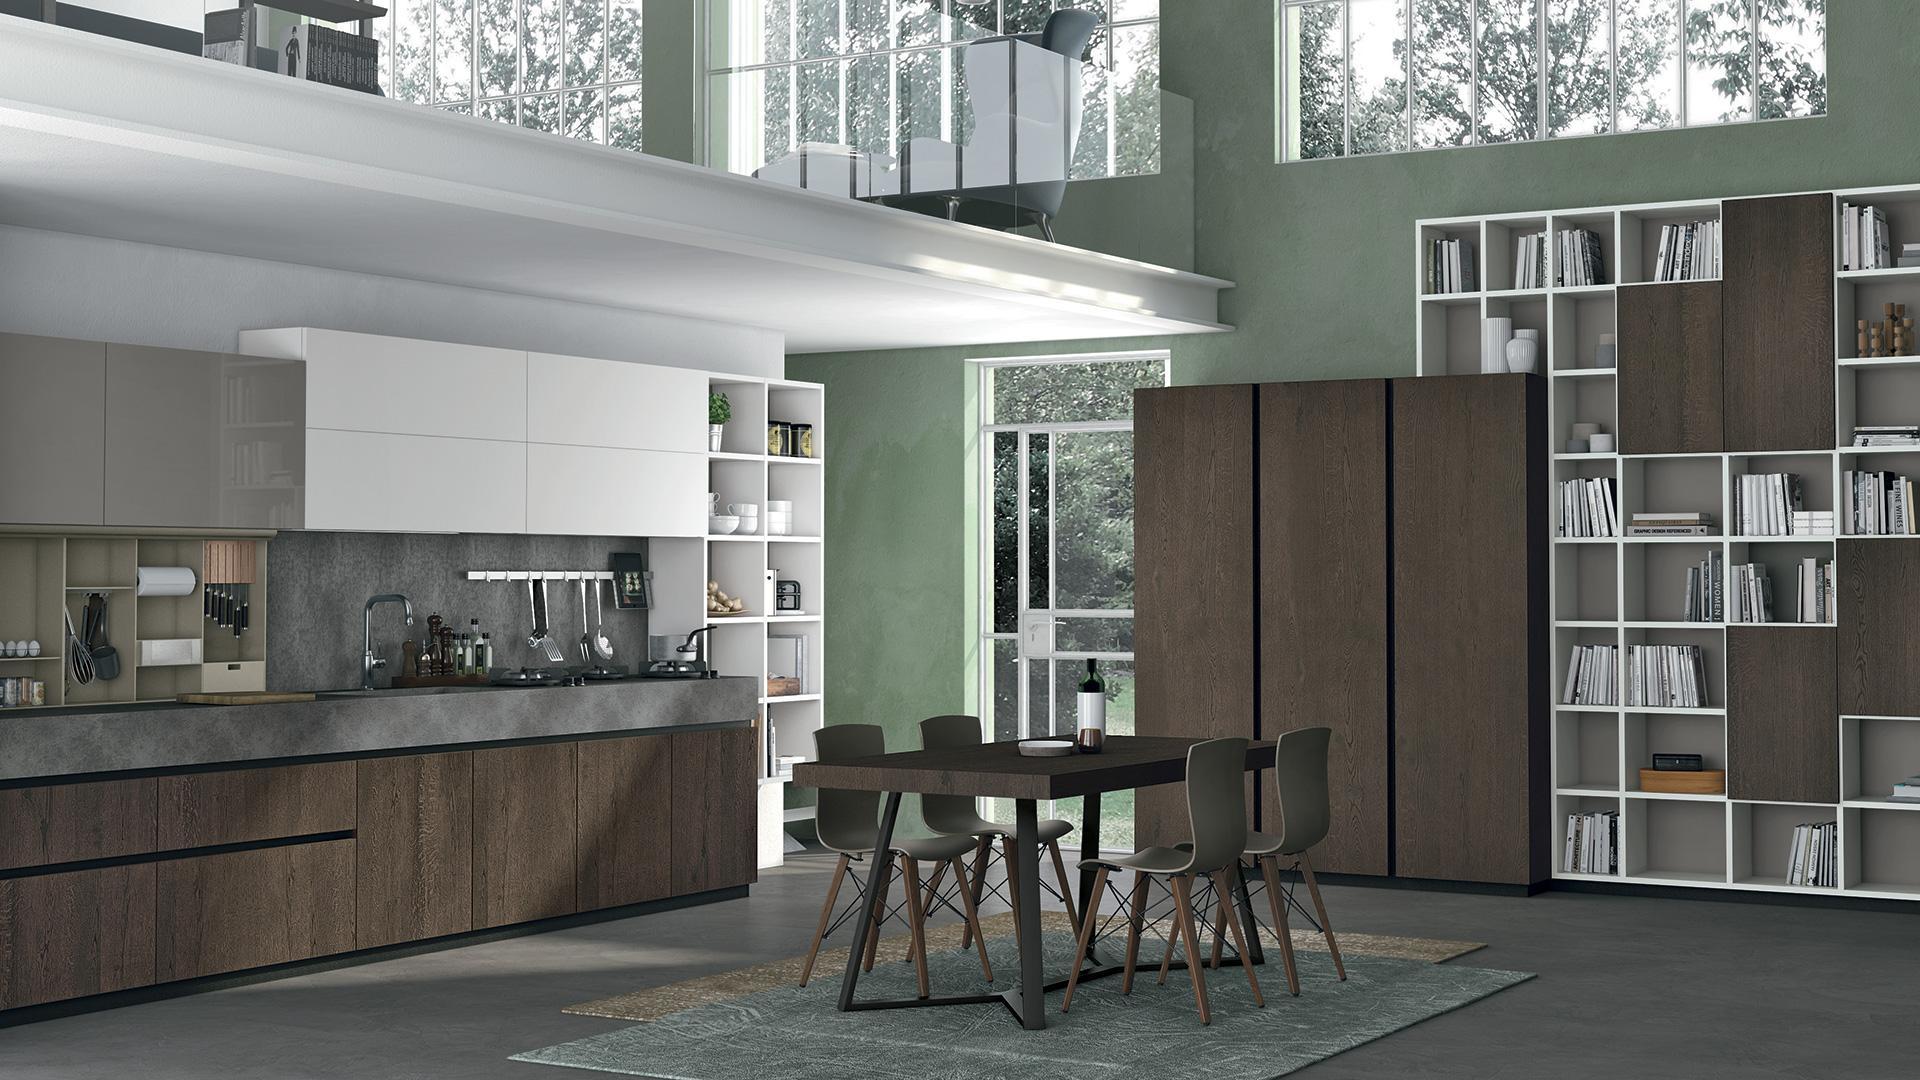 Cucina Completa Di Tavolo E Sedie.Tavoli Sedie E Design Cucine Lube